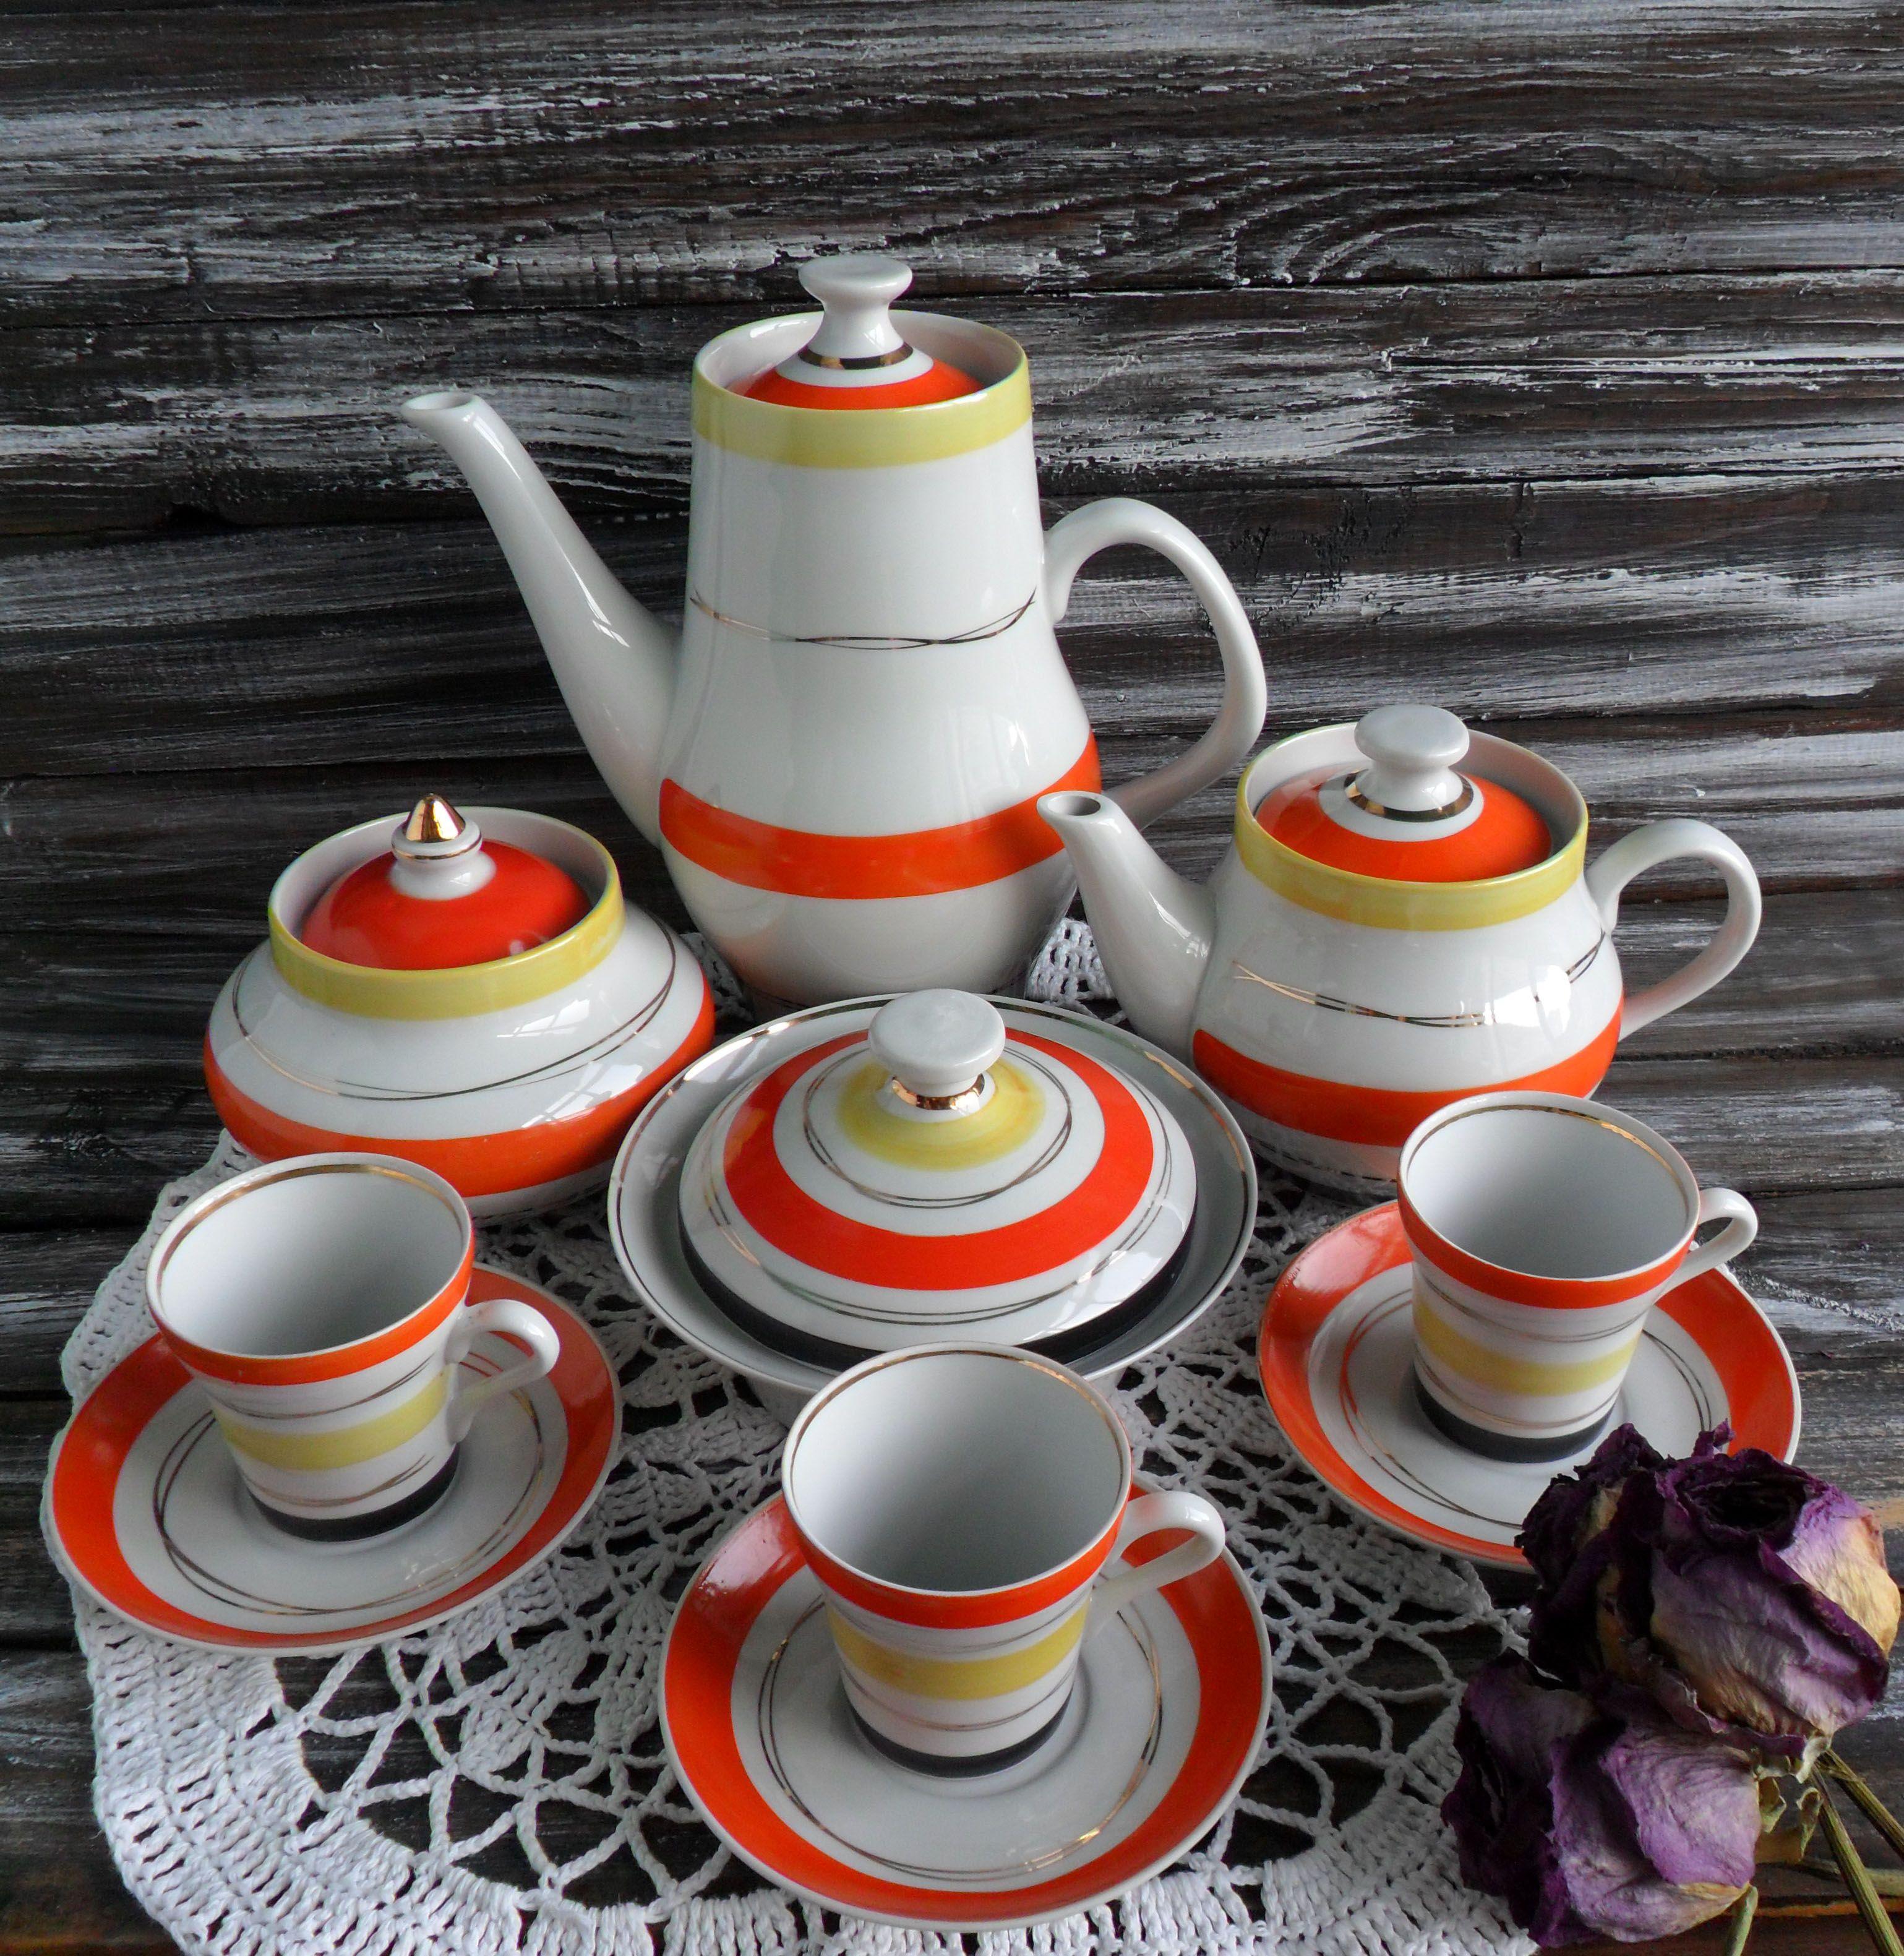 Sale vintage tea, coffee set of 3 cups, 3 saucers, 1